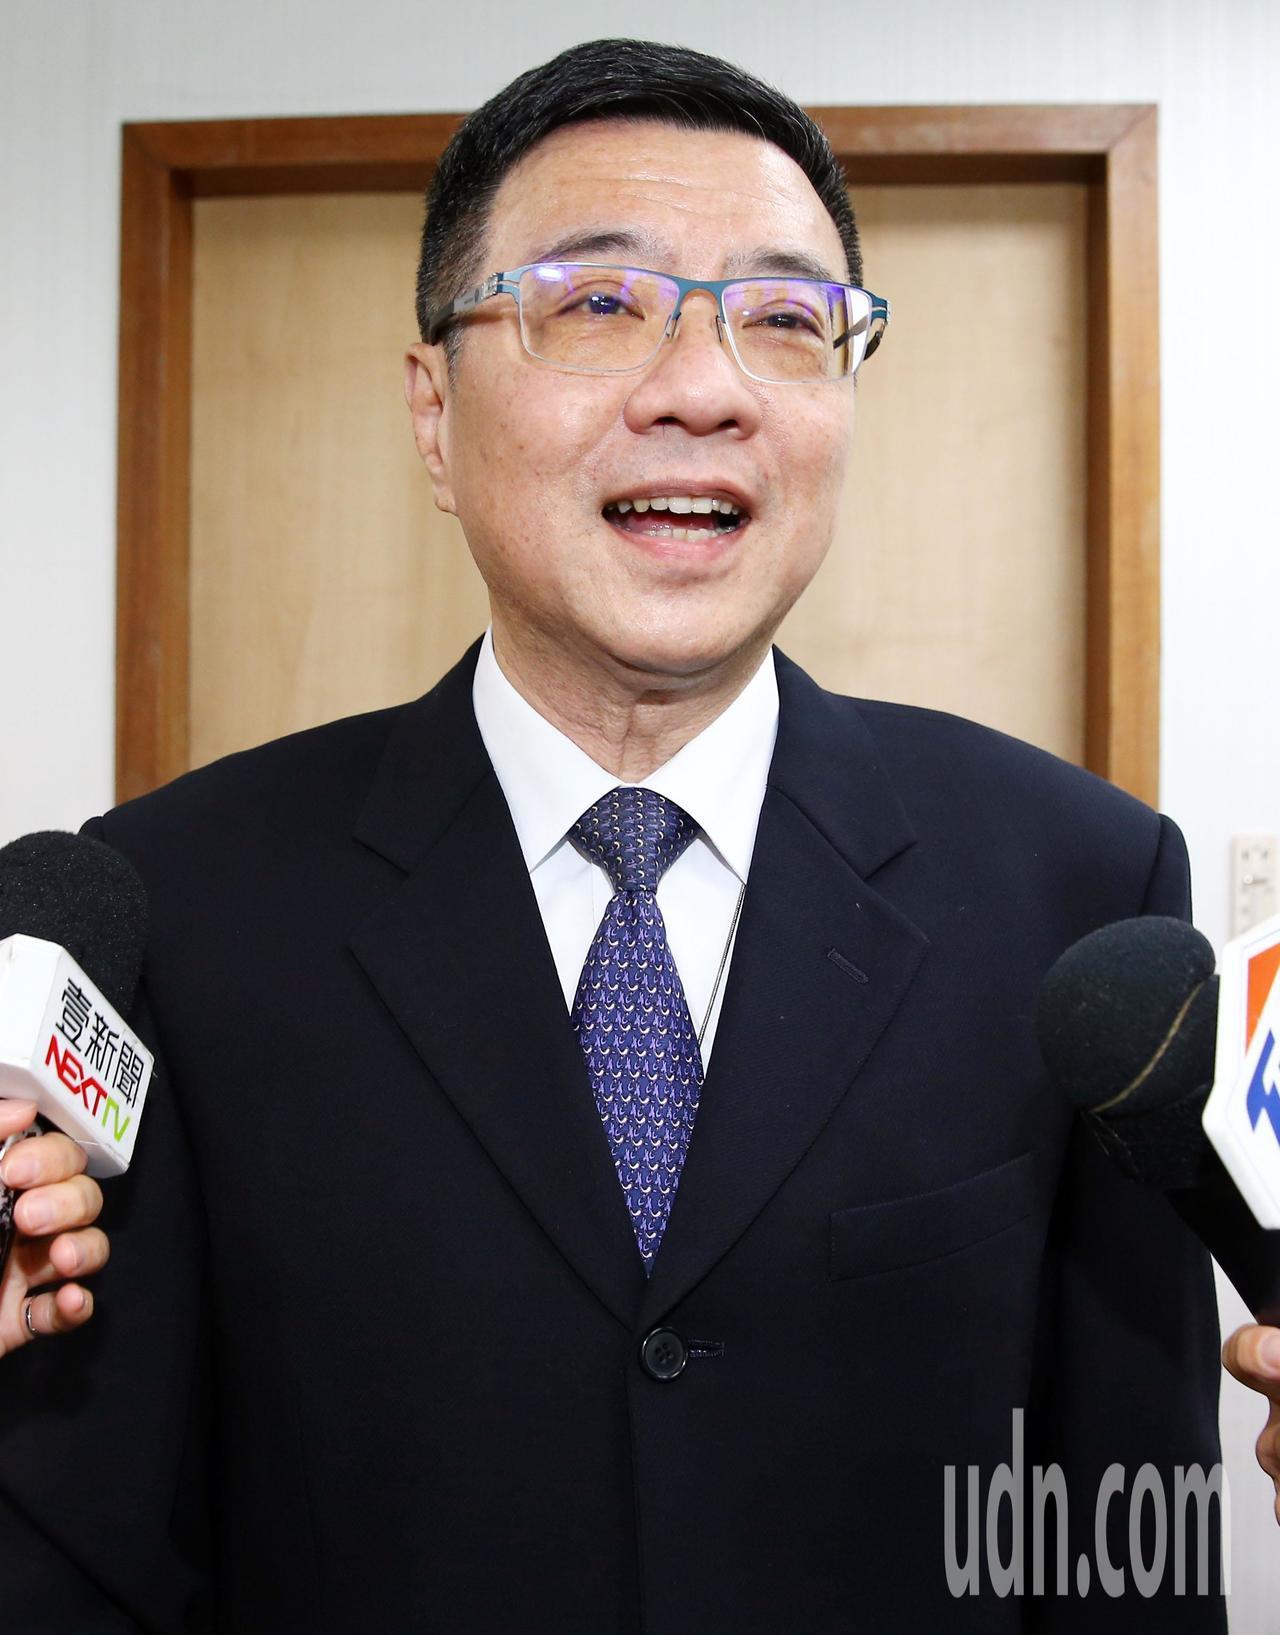 記者問卓榮泰:「萬一蔡總統民調拉不起來怎麼辦」?卓榮泰表示:「沒有這個問題!我們...